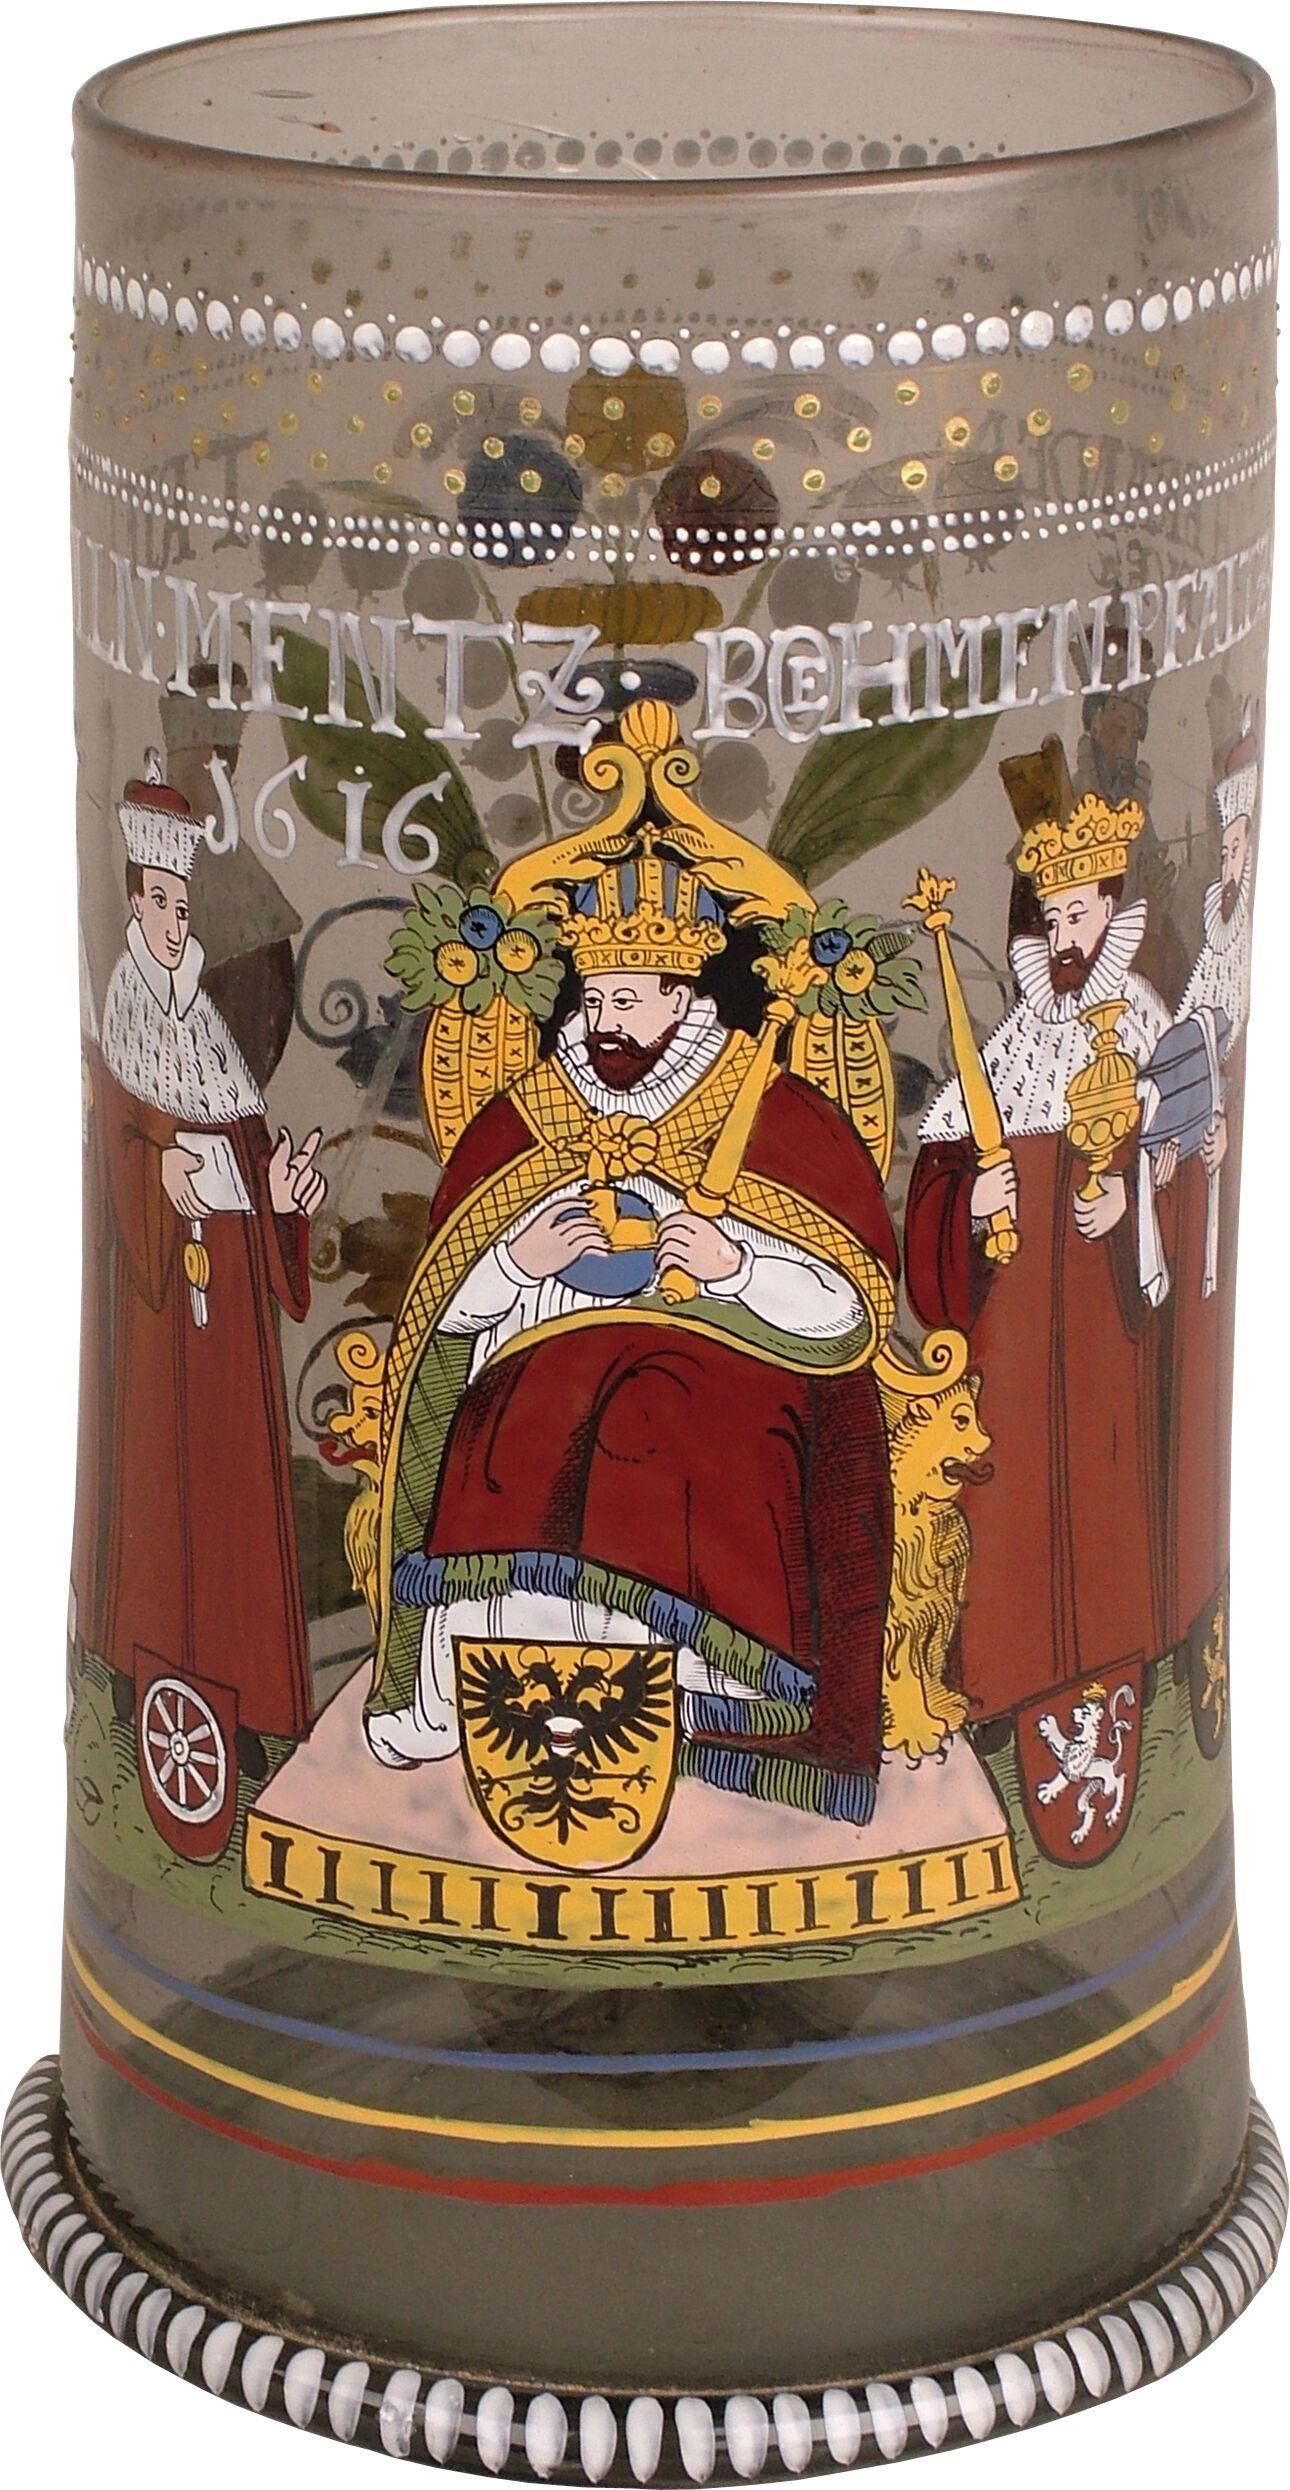 Der Rothenburger Kurfürstenhumpen im RothenburgMuseum